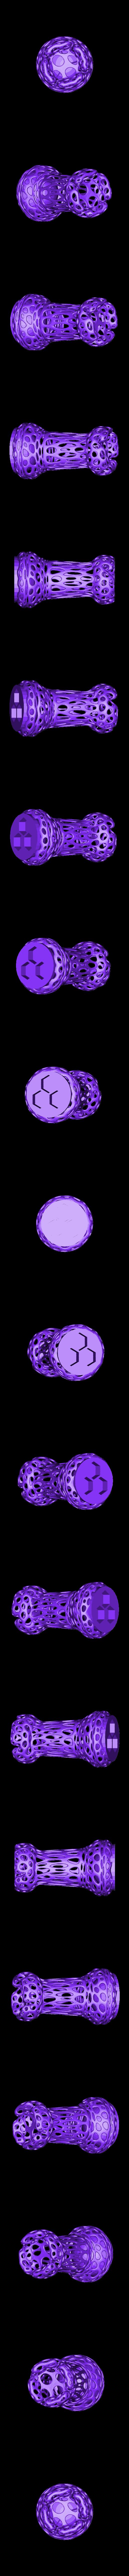 voronoi_rook_3xM10.stl Télécharger fichier STL gratuit 3xM10 : Jeu d'échecs Voronoi avec entrées pour 3 x écrous M10 • Modèle à imprimer en 3D, Numbmond